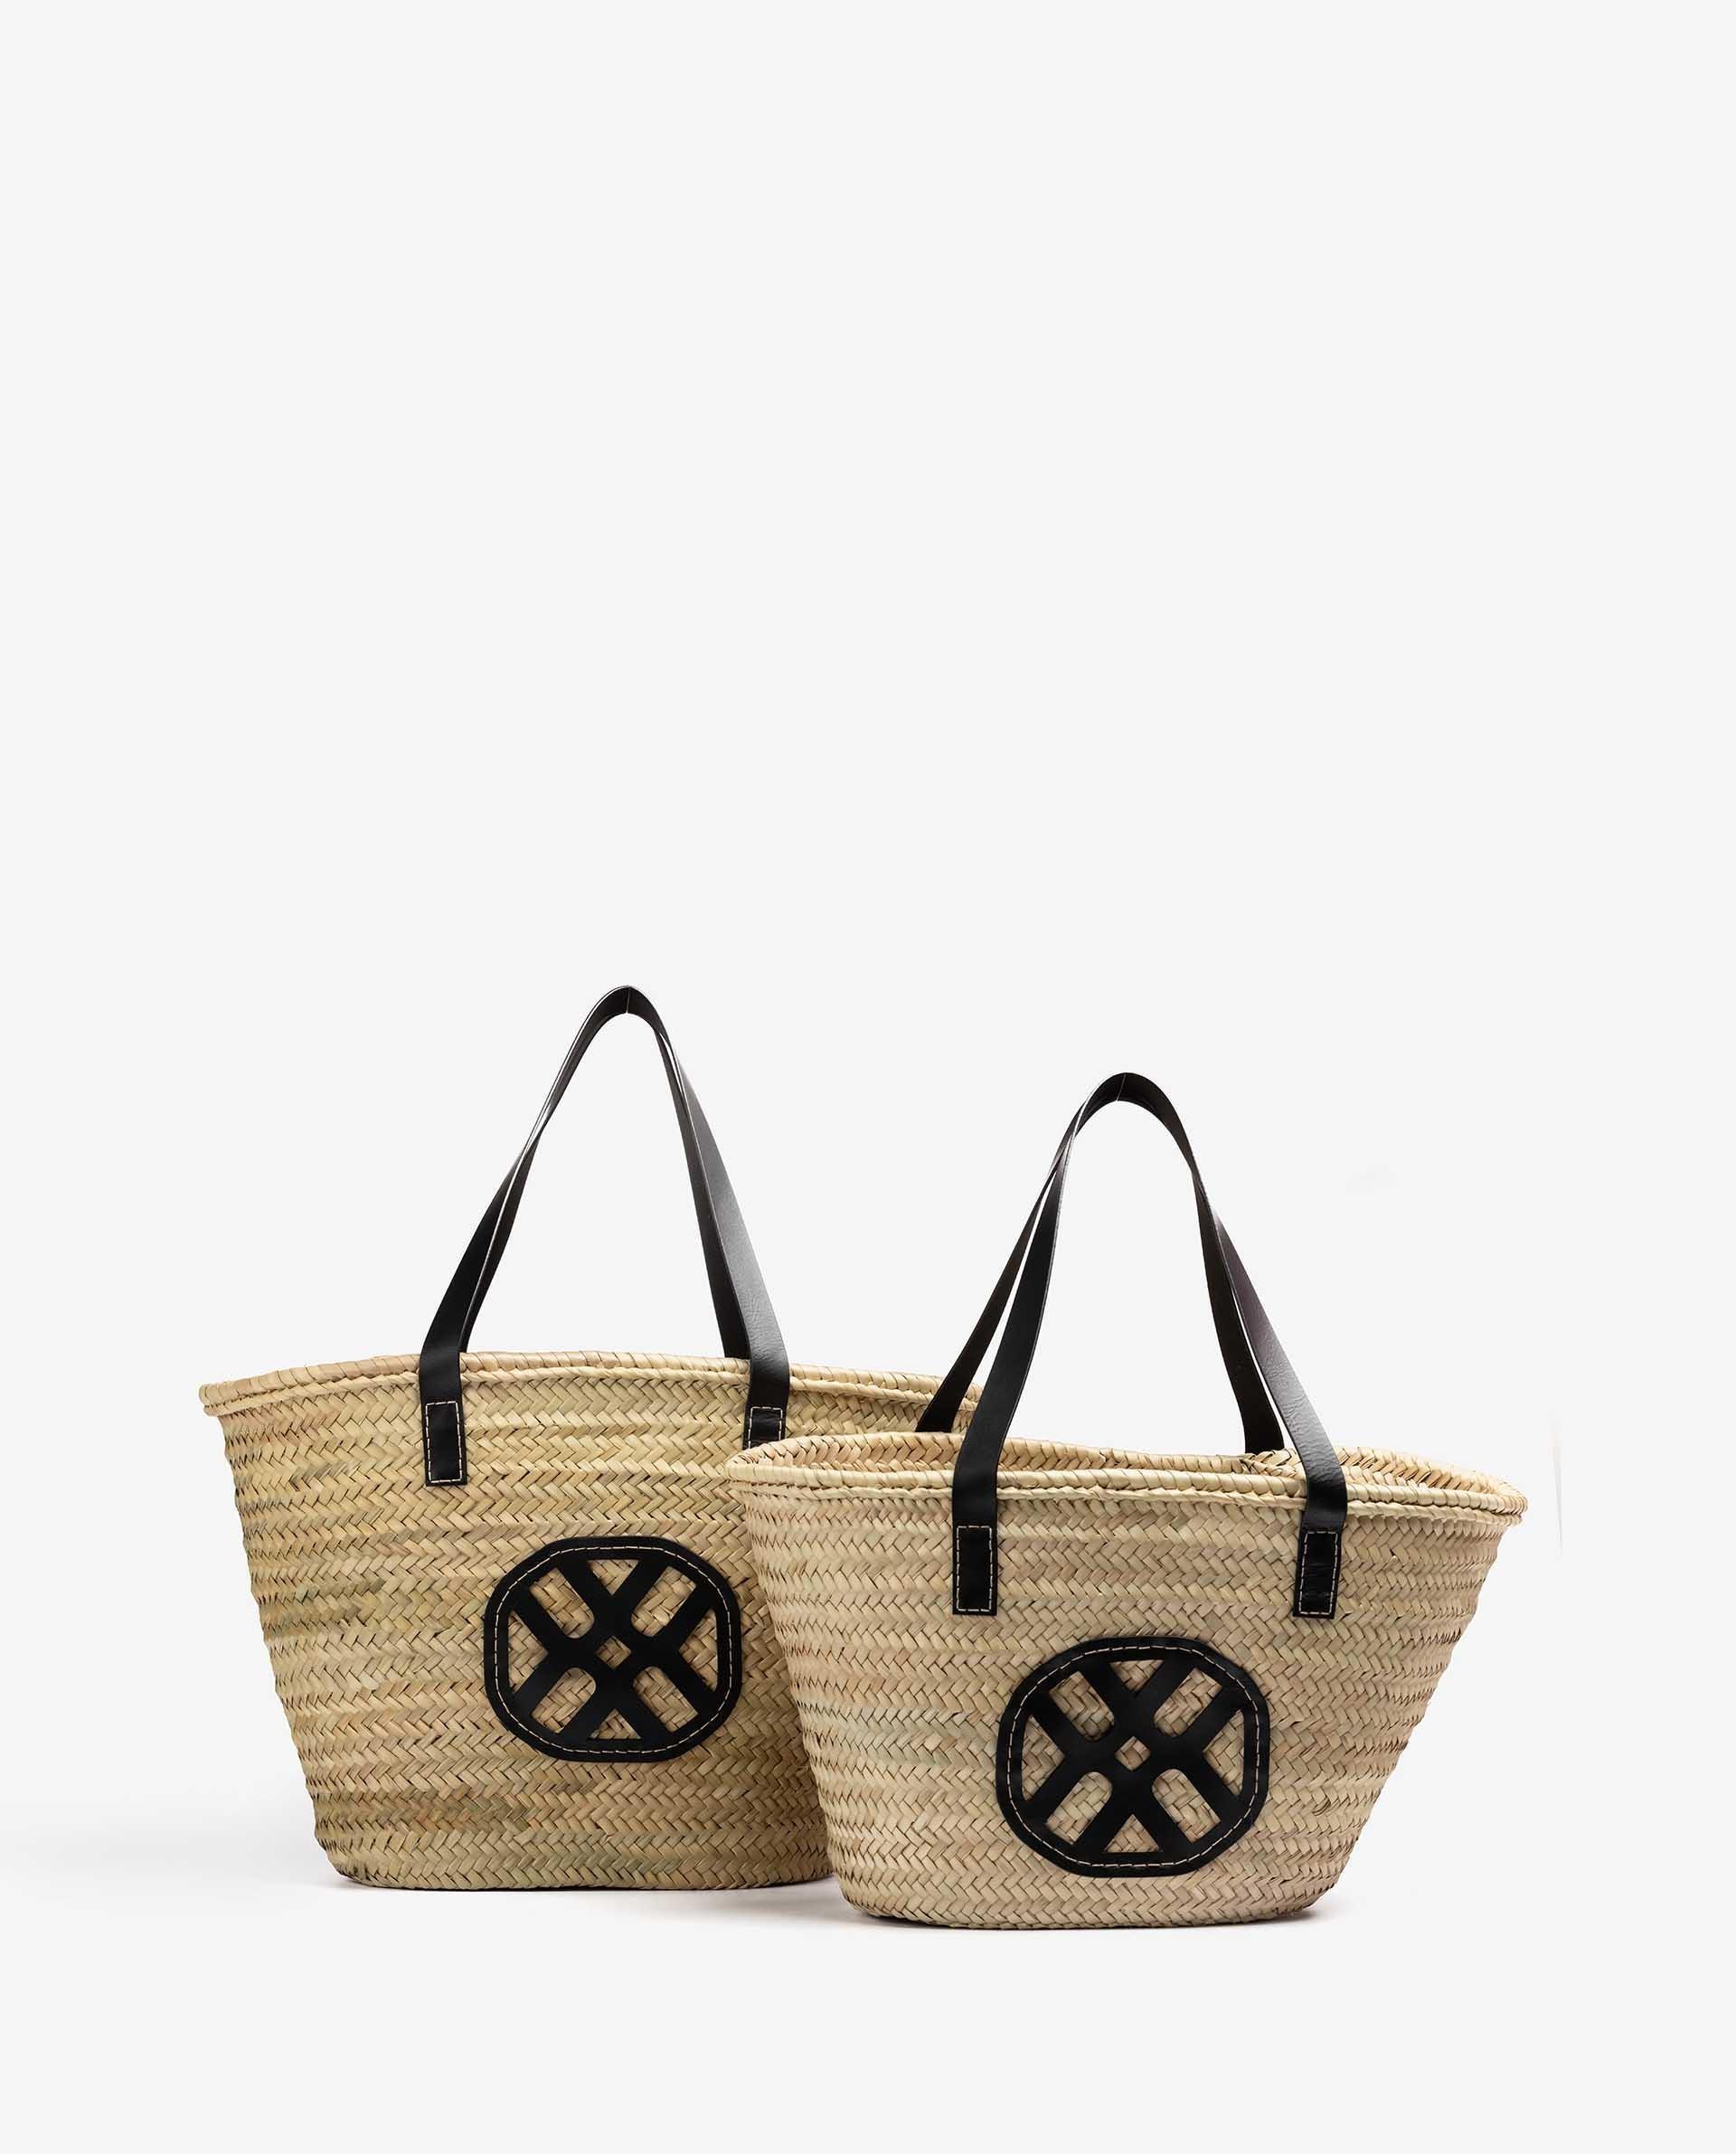 Unisa Medium-handbag ZCARRYCOT_M black/natu